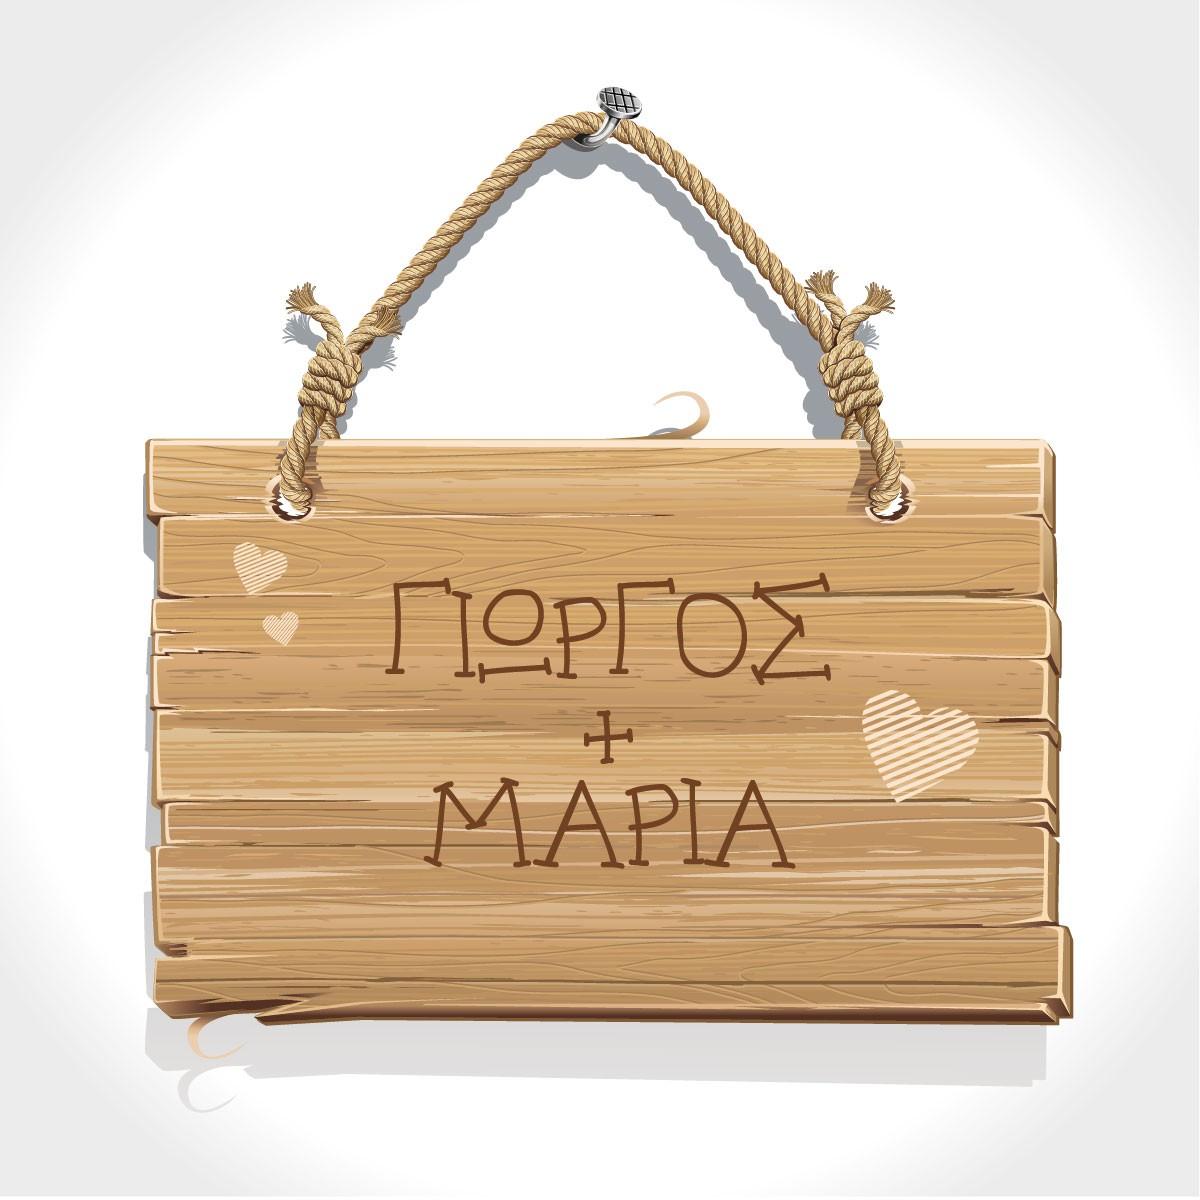 Ονόματα σε ξύλο